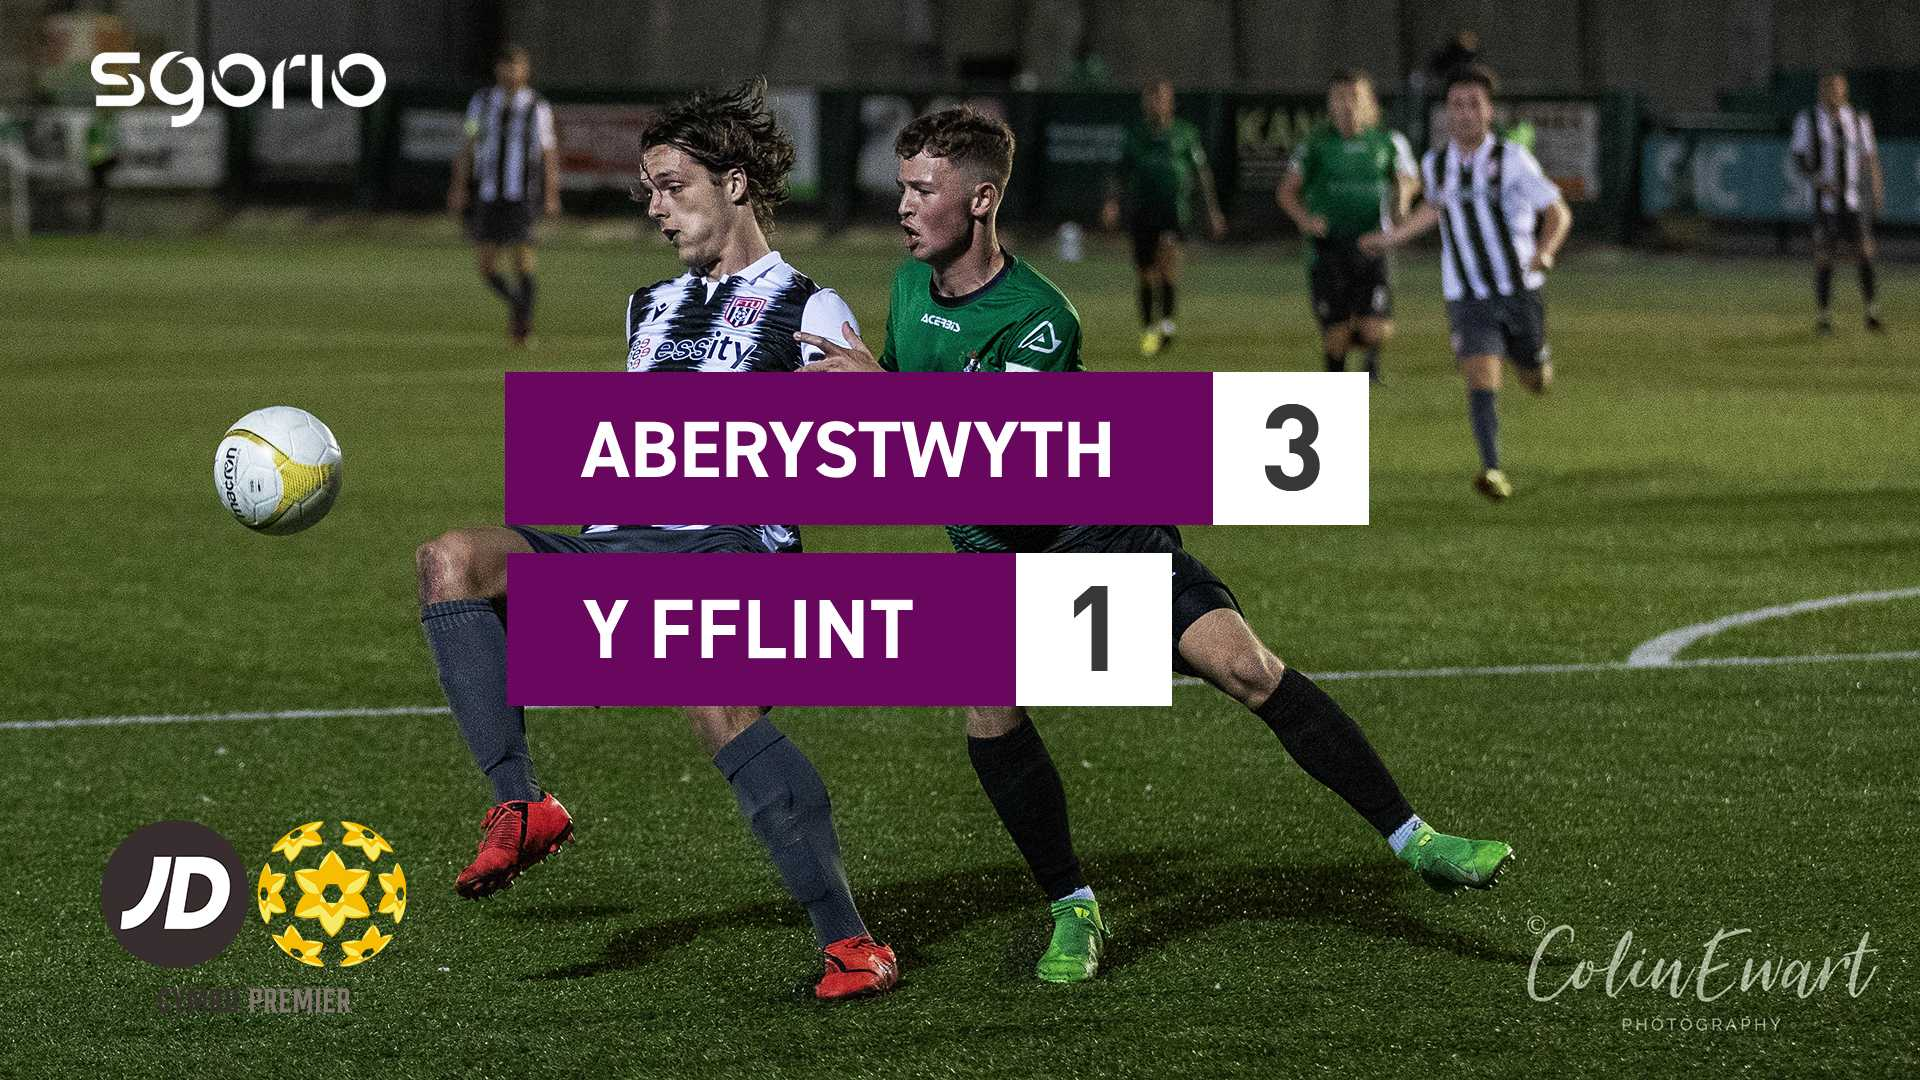 Aberystwyth 3-1 Y Fflint